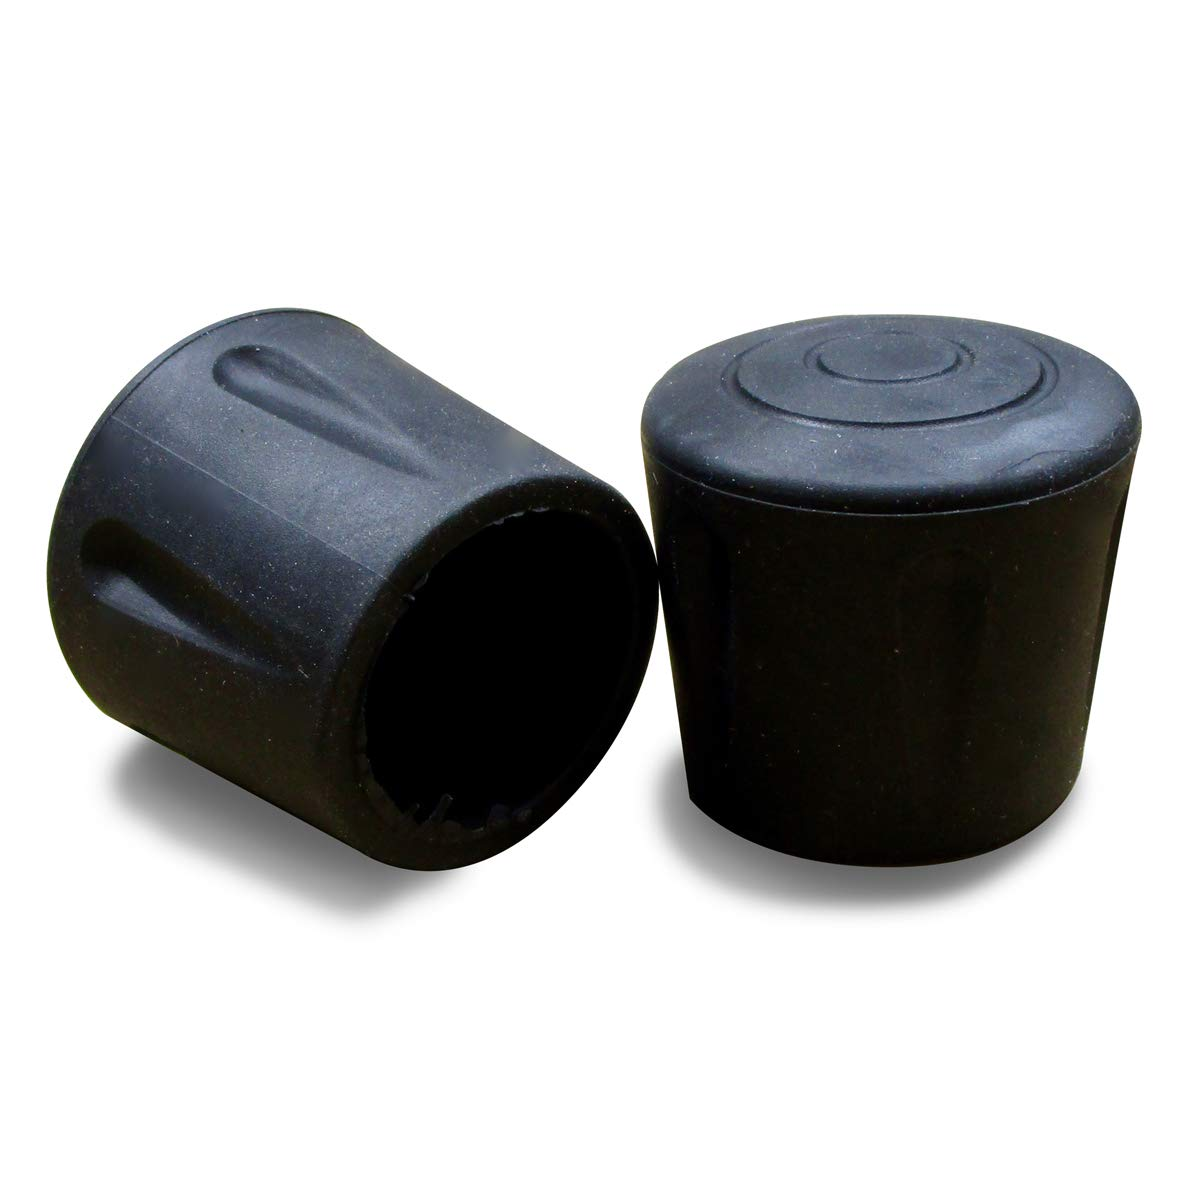 ajile Embout en Caoutchouc Renforcé Vulcanisé NOIR pour Pied de Chaise et Table Diamètre 16 mm – Sachet de 16 Pièces – EVS116x16-FBA